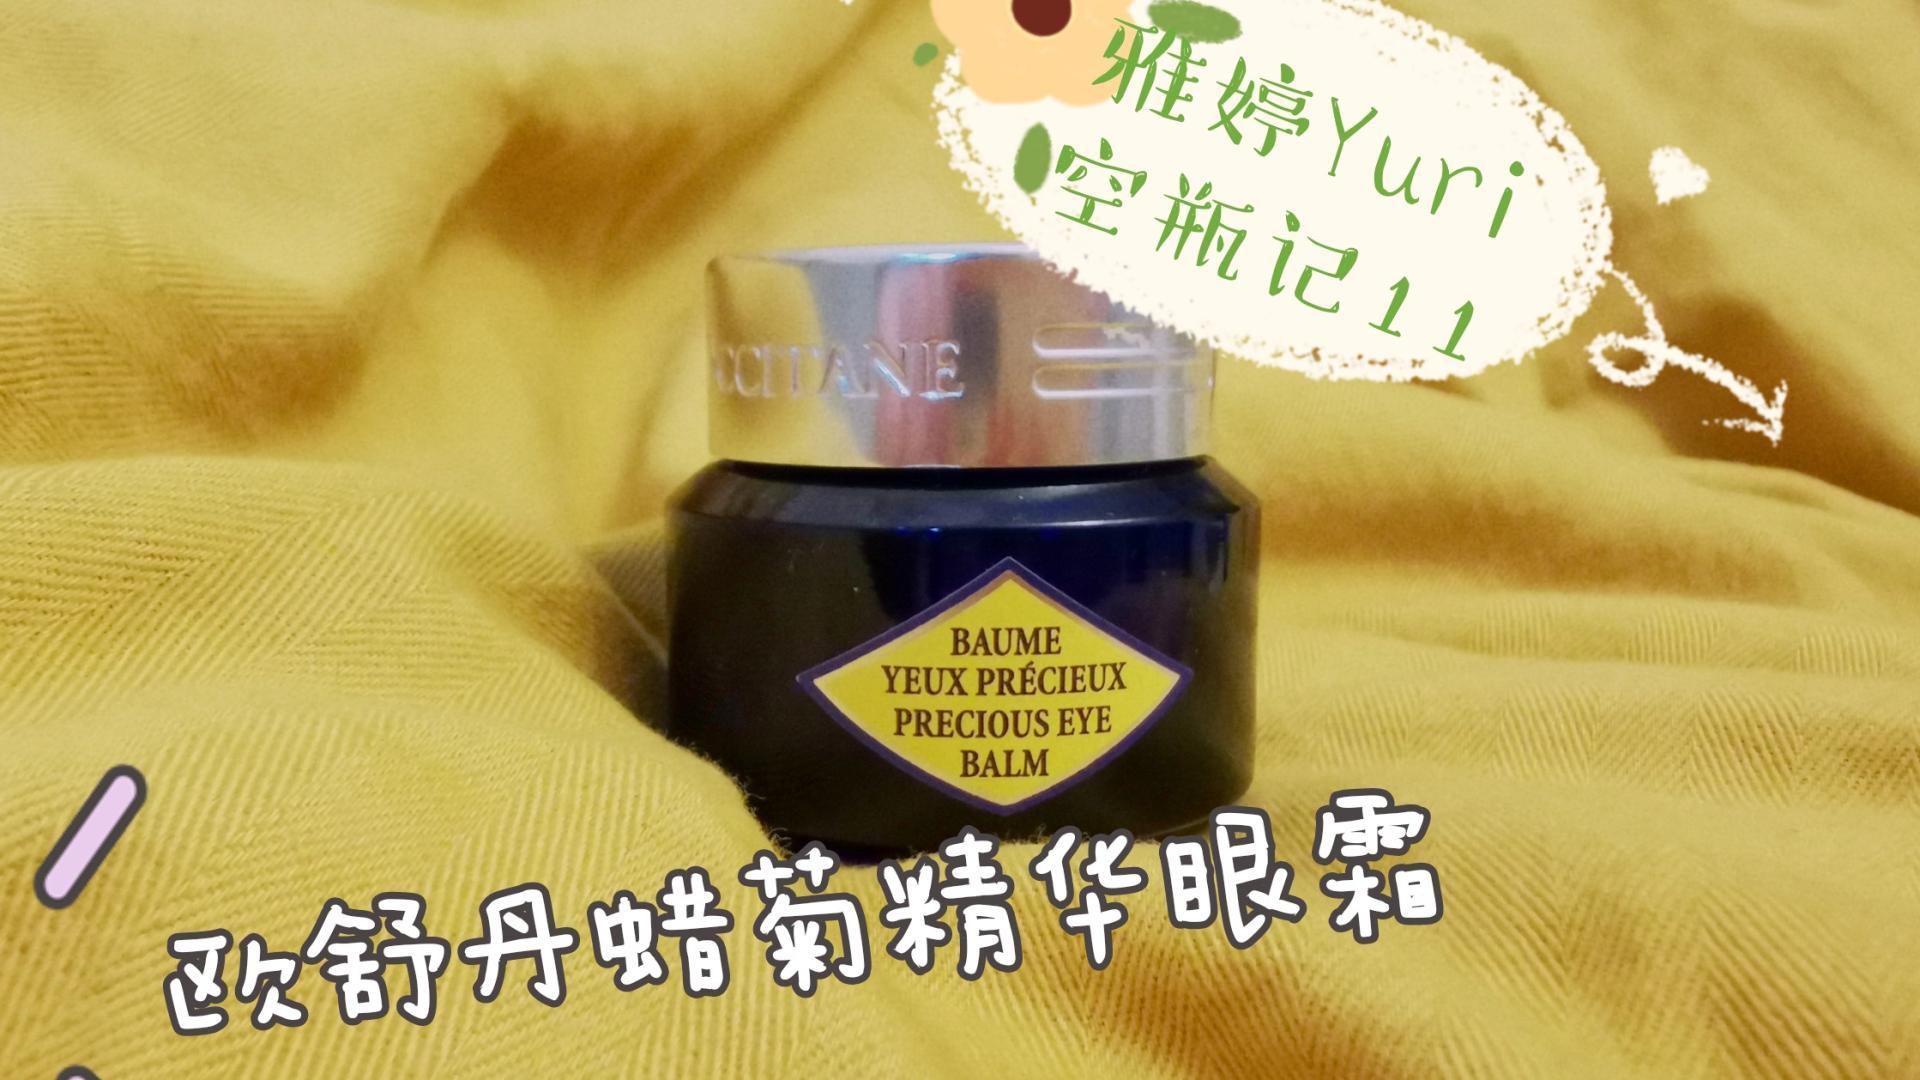 空瓶记111·欧舒丹蜡菊精华眼霜保湿紧致抗老淡化细纹法国精油护肤健康养肤